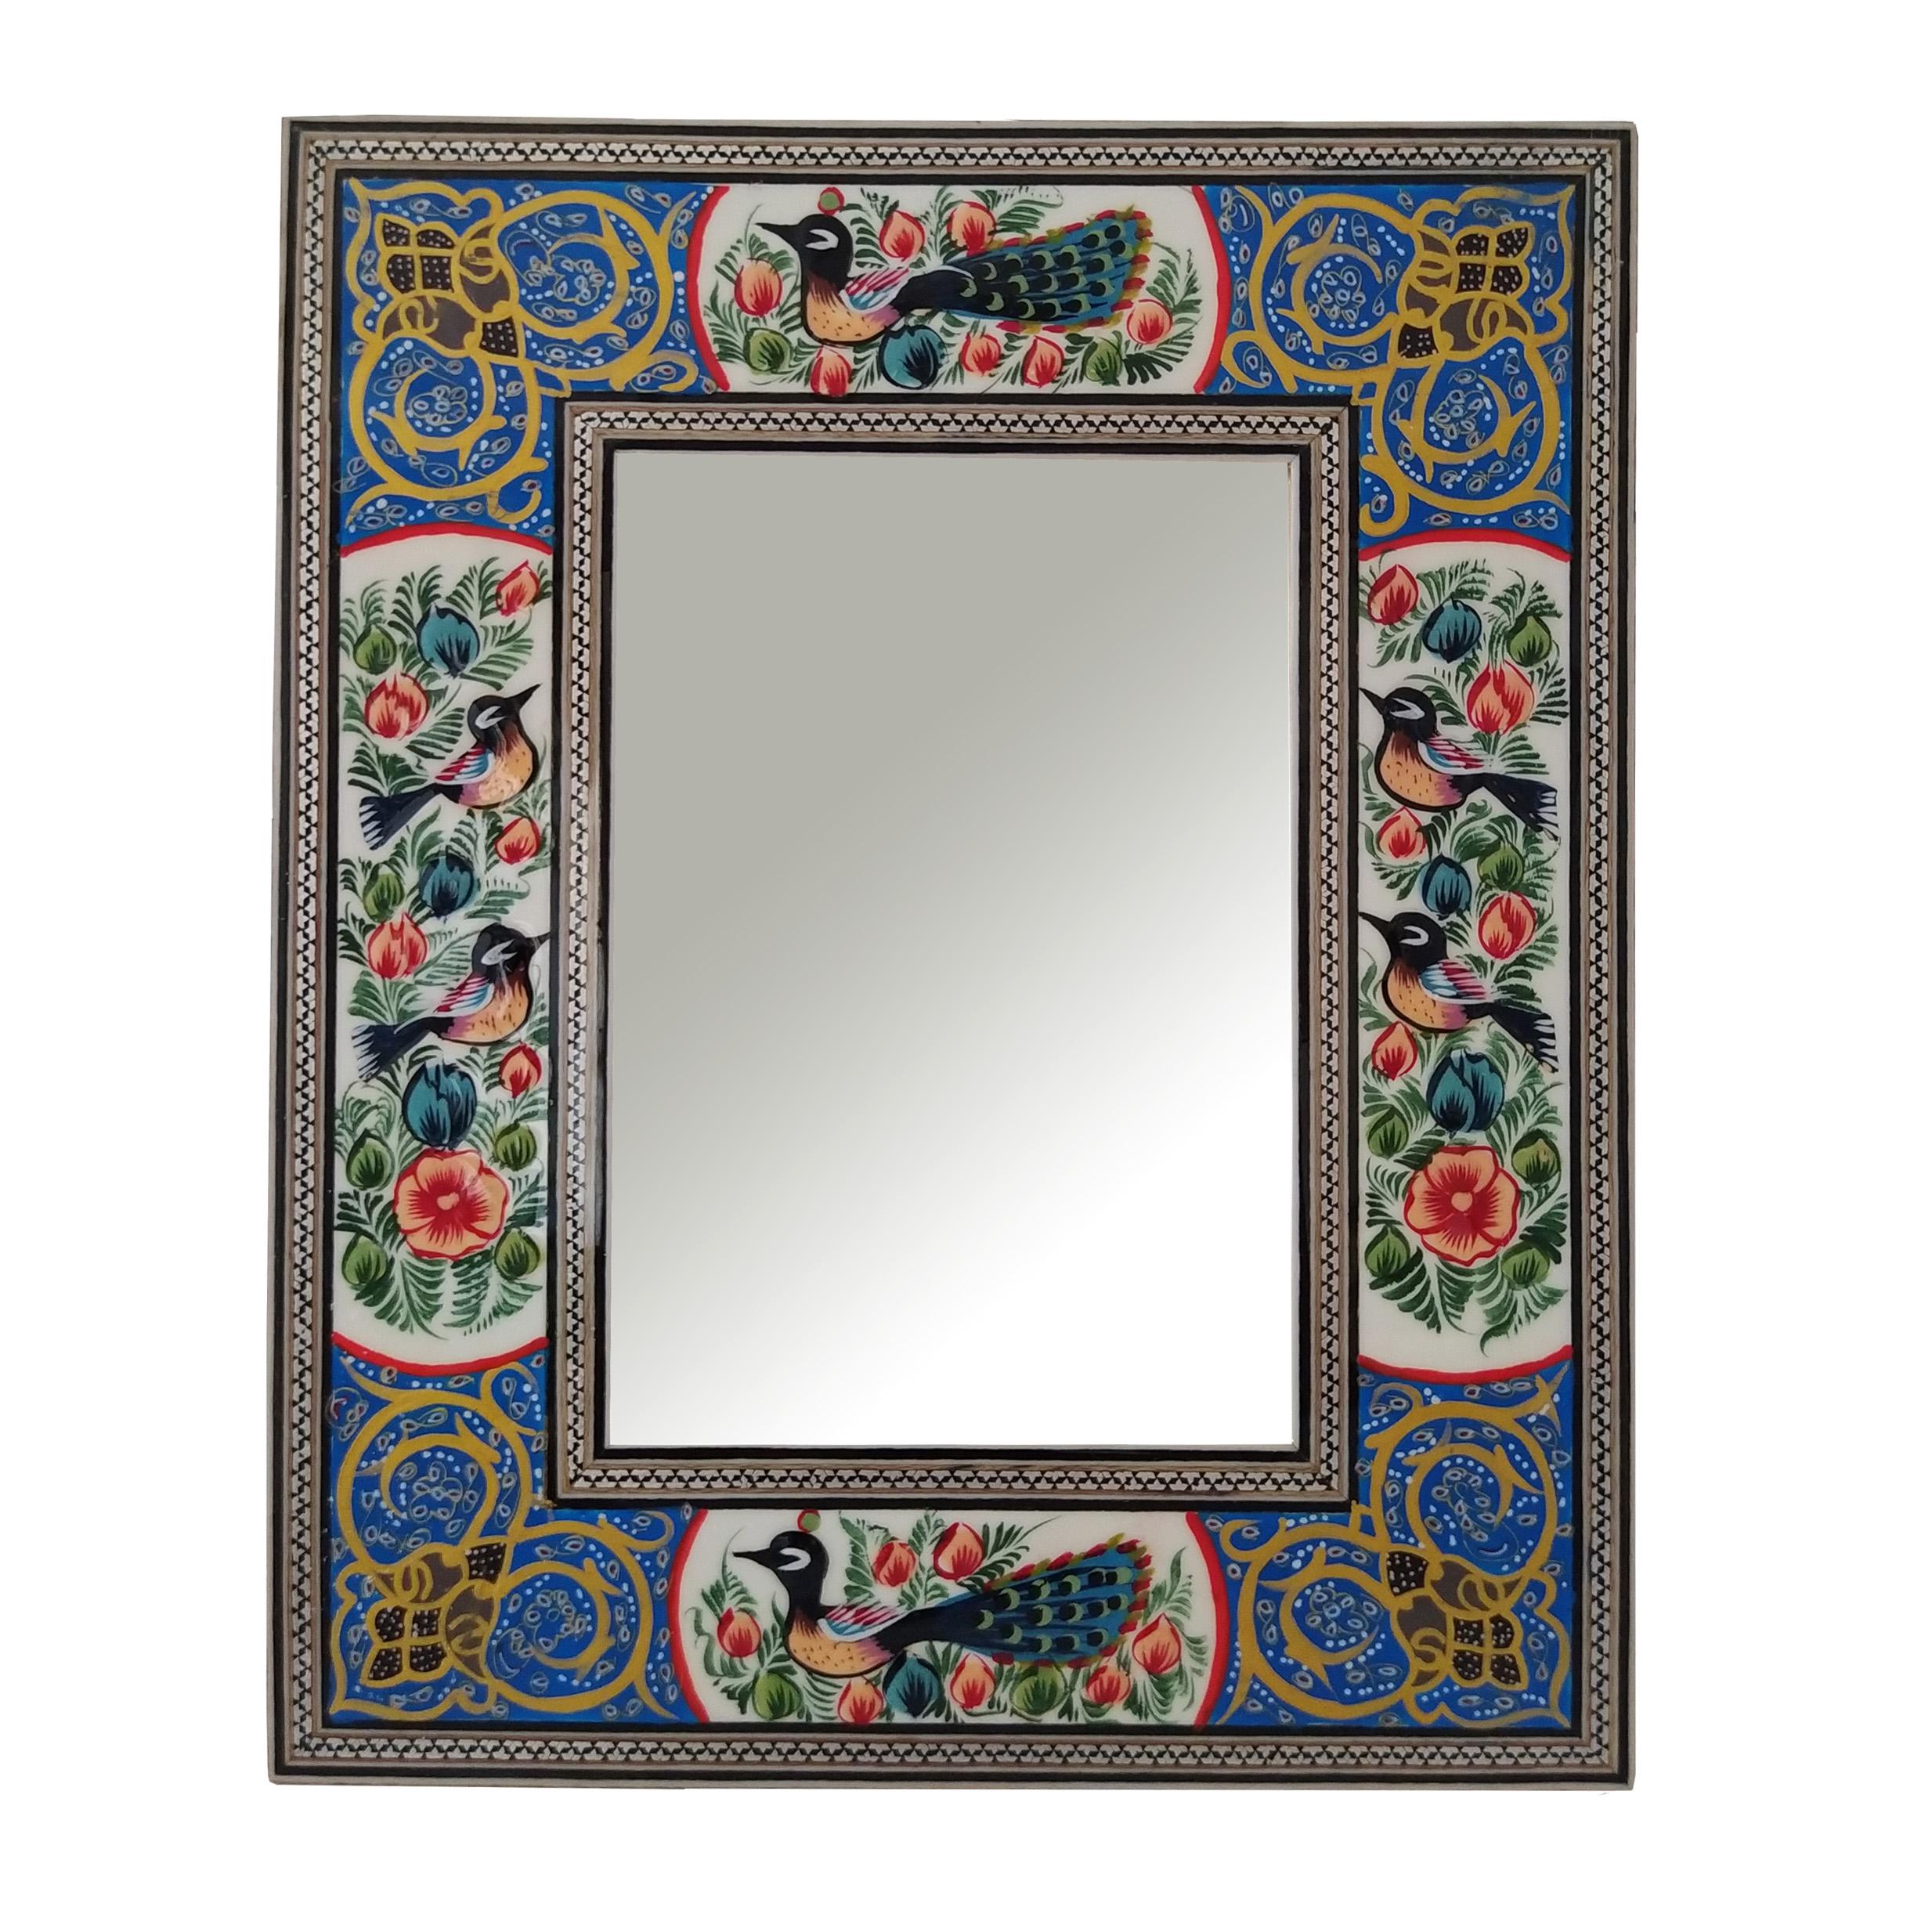 قاب آینه خاتم کاری مدل گل و پرنده کد 1318